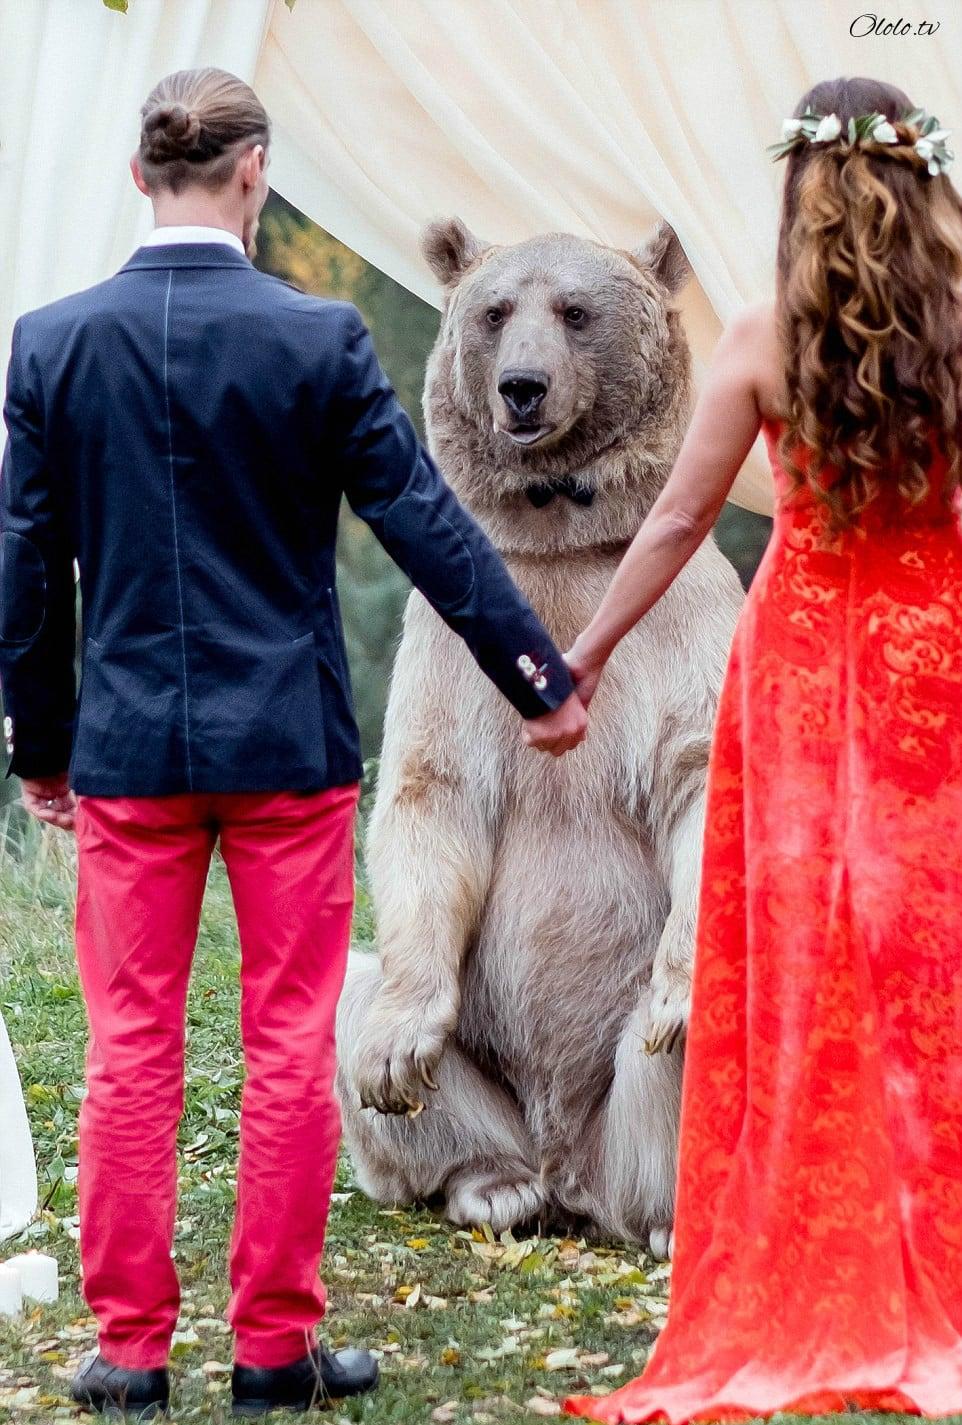 Свадьба по-русски: медведь благословляет жениха и невесту